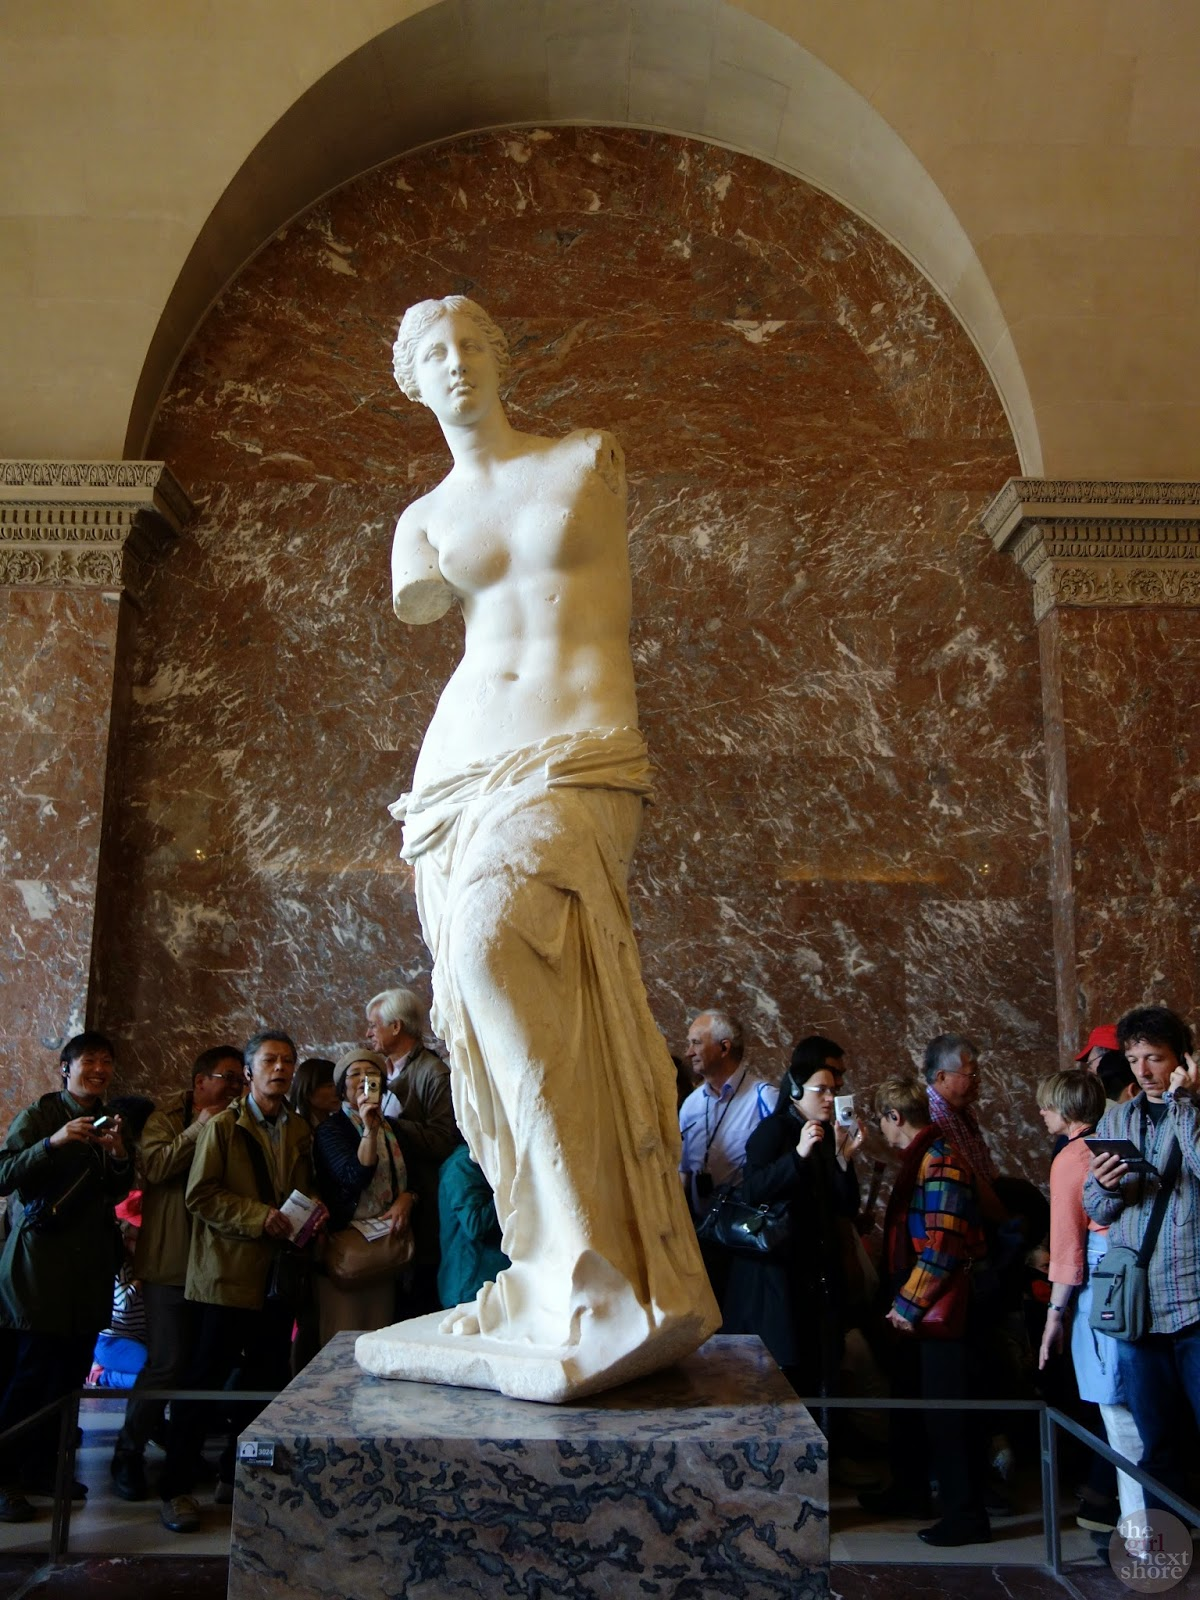 Venus de Milo | The Louvre by Girl Next Shore